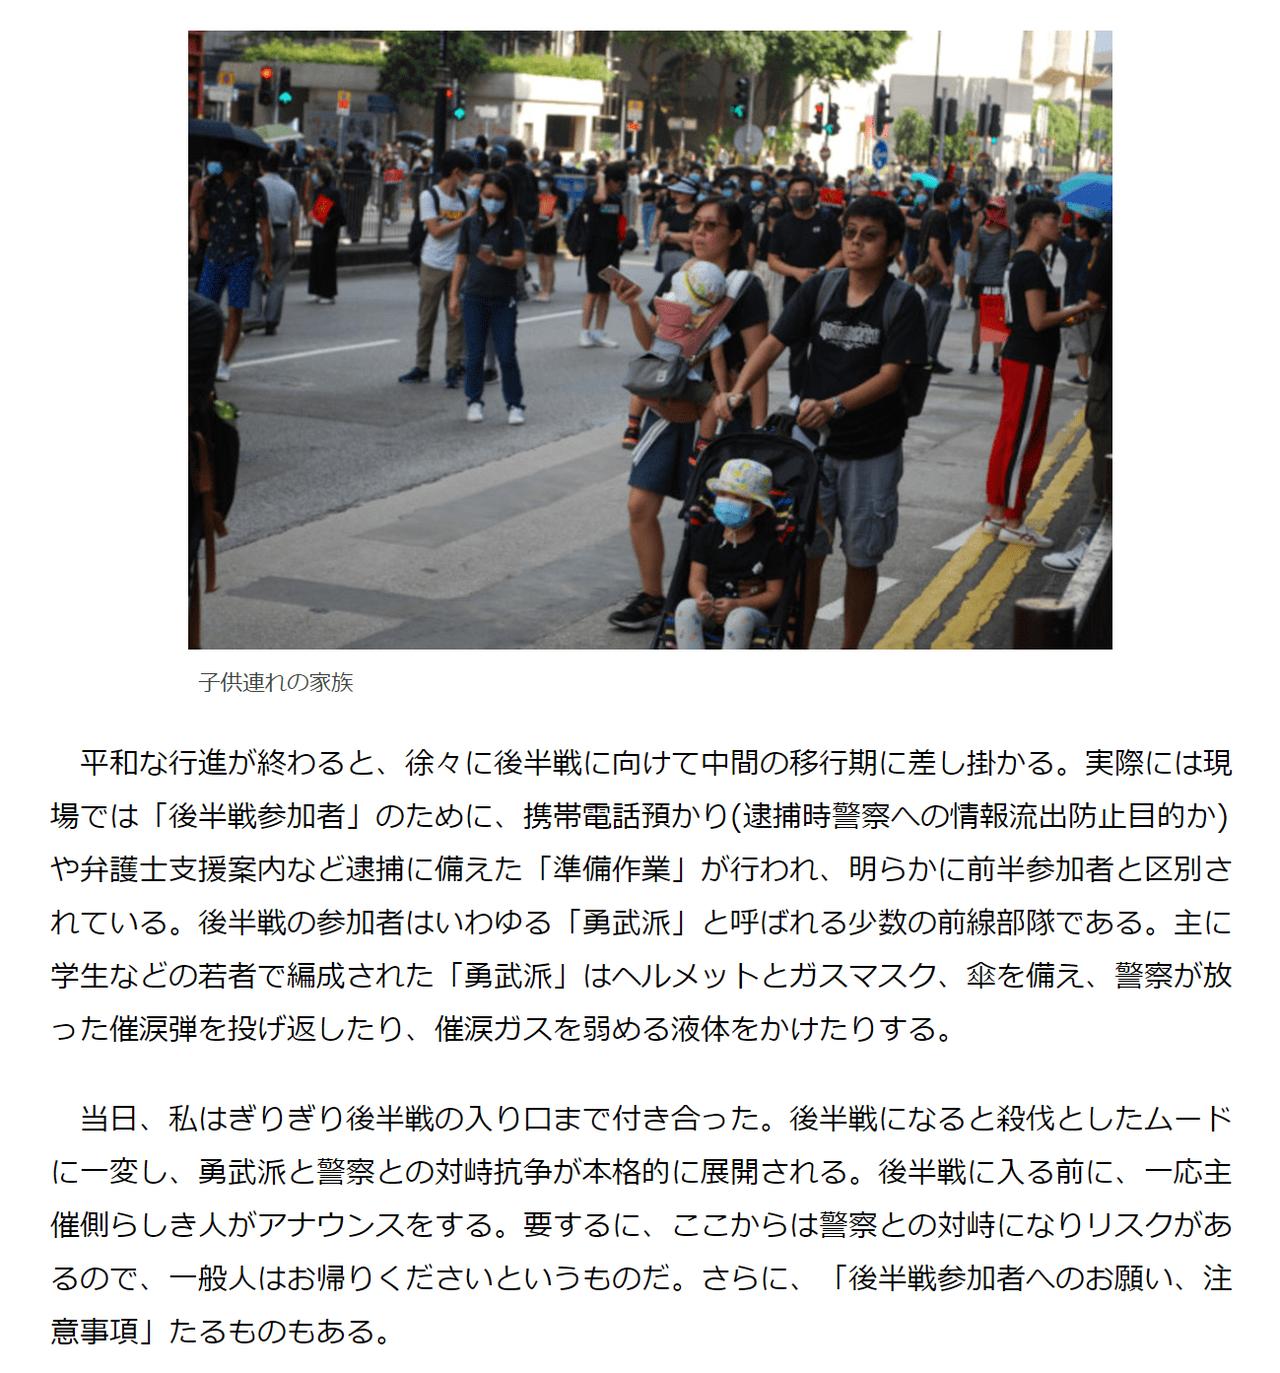 香港デモは暴徒の集まりなのか?現場取材で分かったこと8